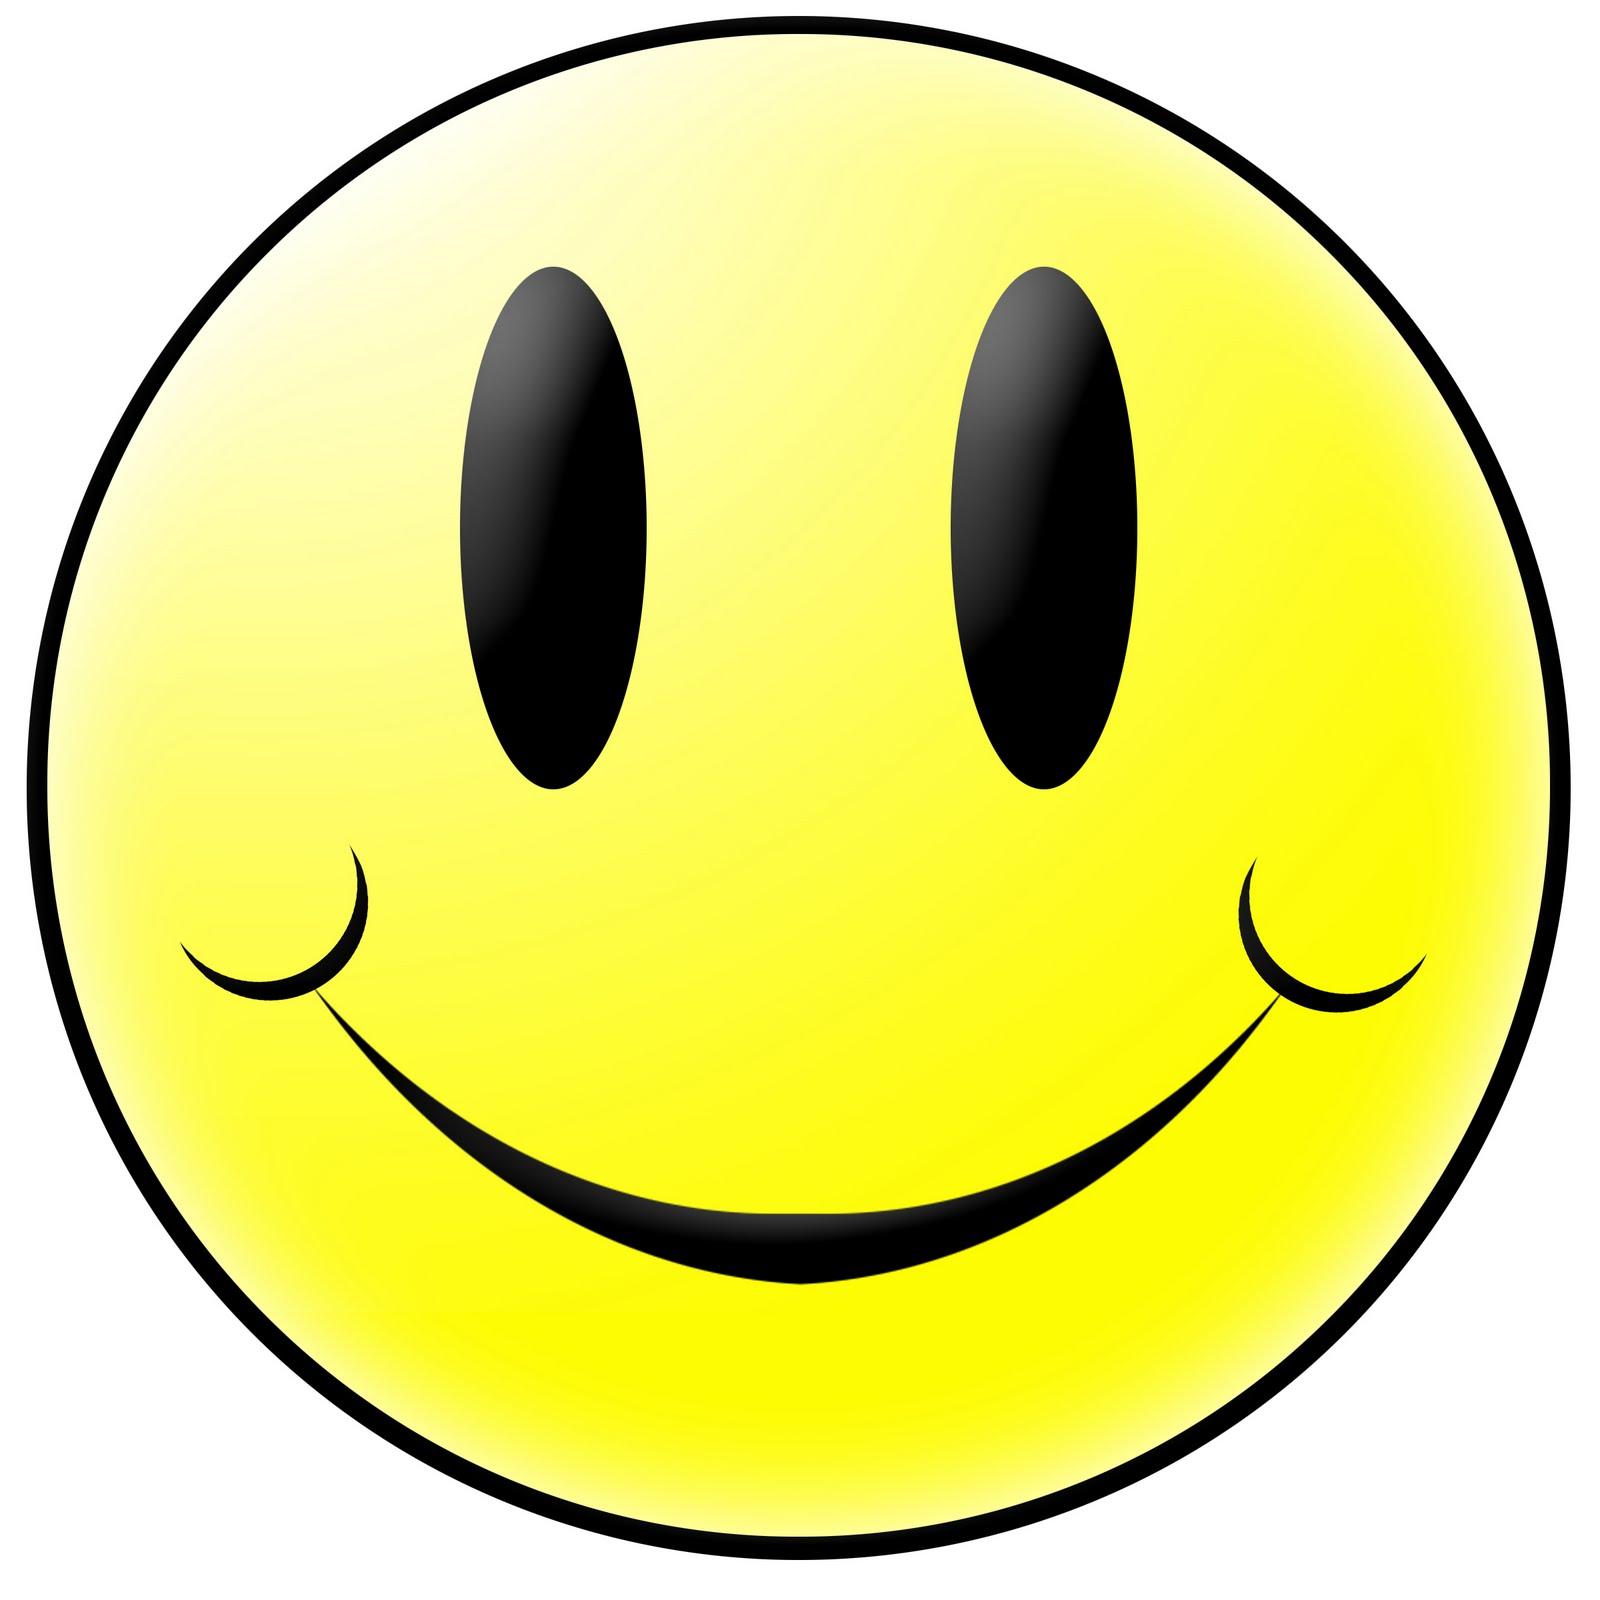 1600x1600 Cartoon Smiley Faces Clip Art 8ixkgzg8t